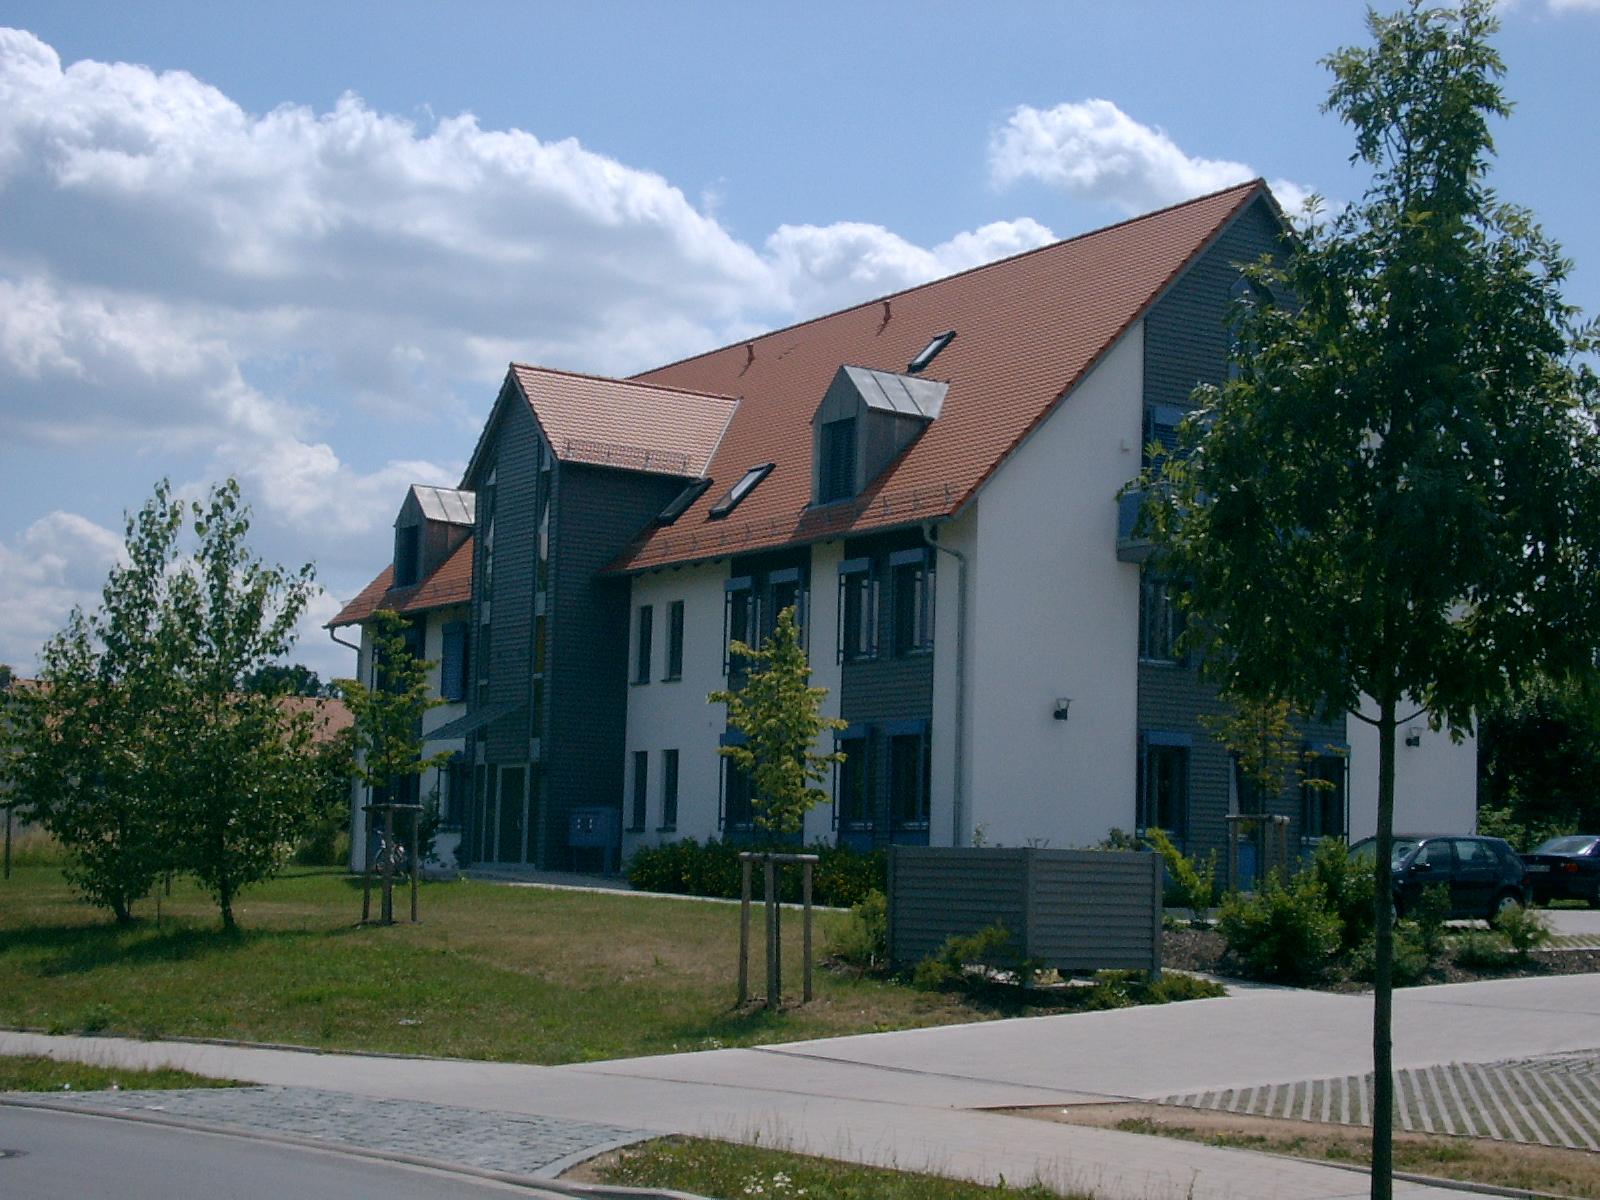 Bayerischer Bauernverband Bayreuth